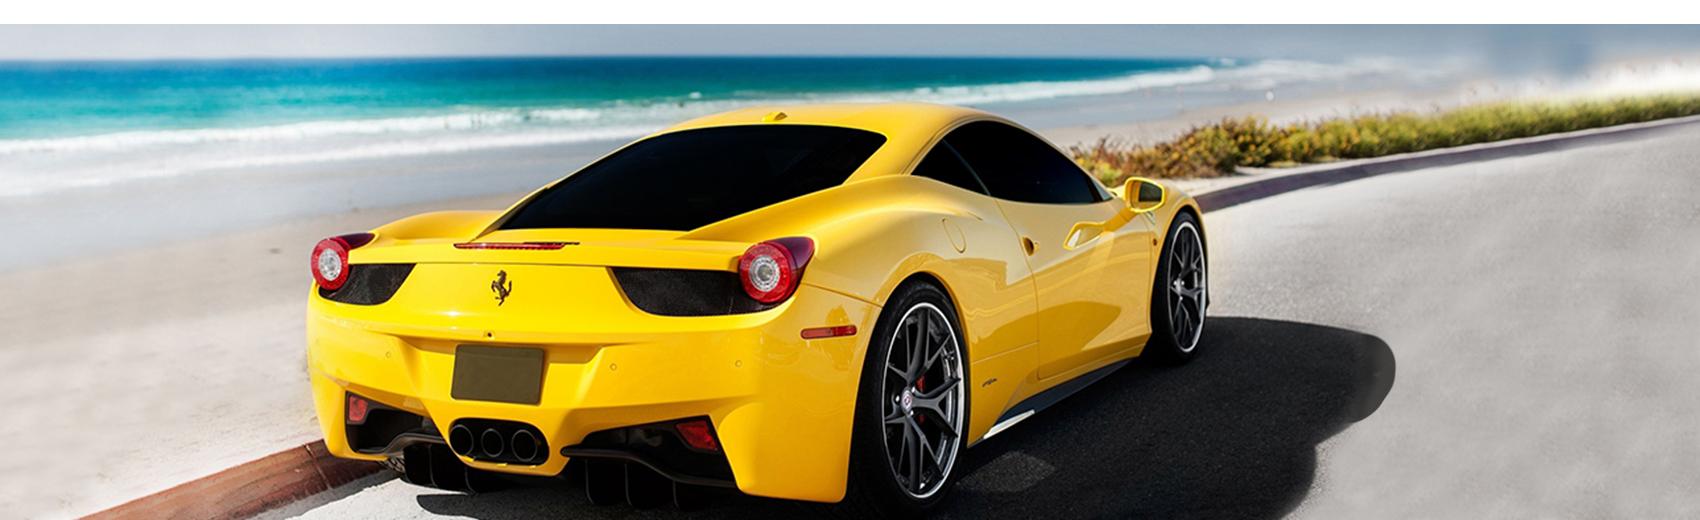 Scheibentönung für Ferrari